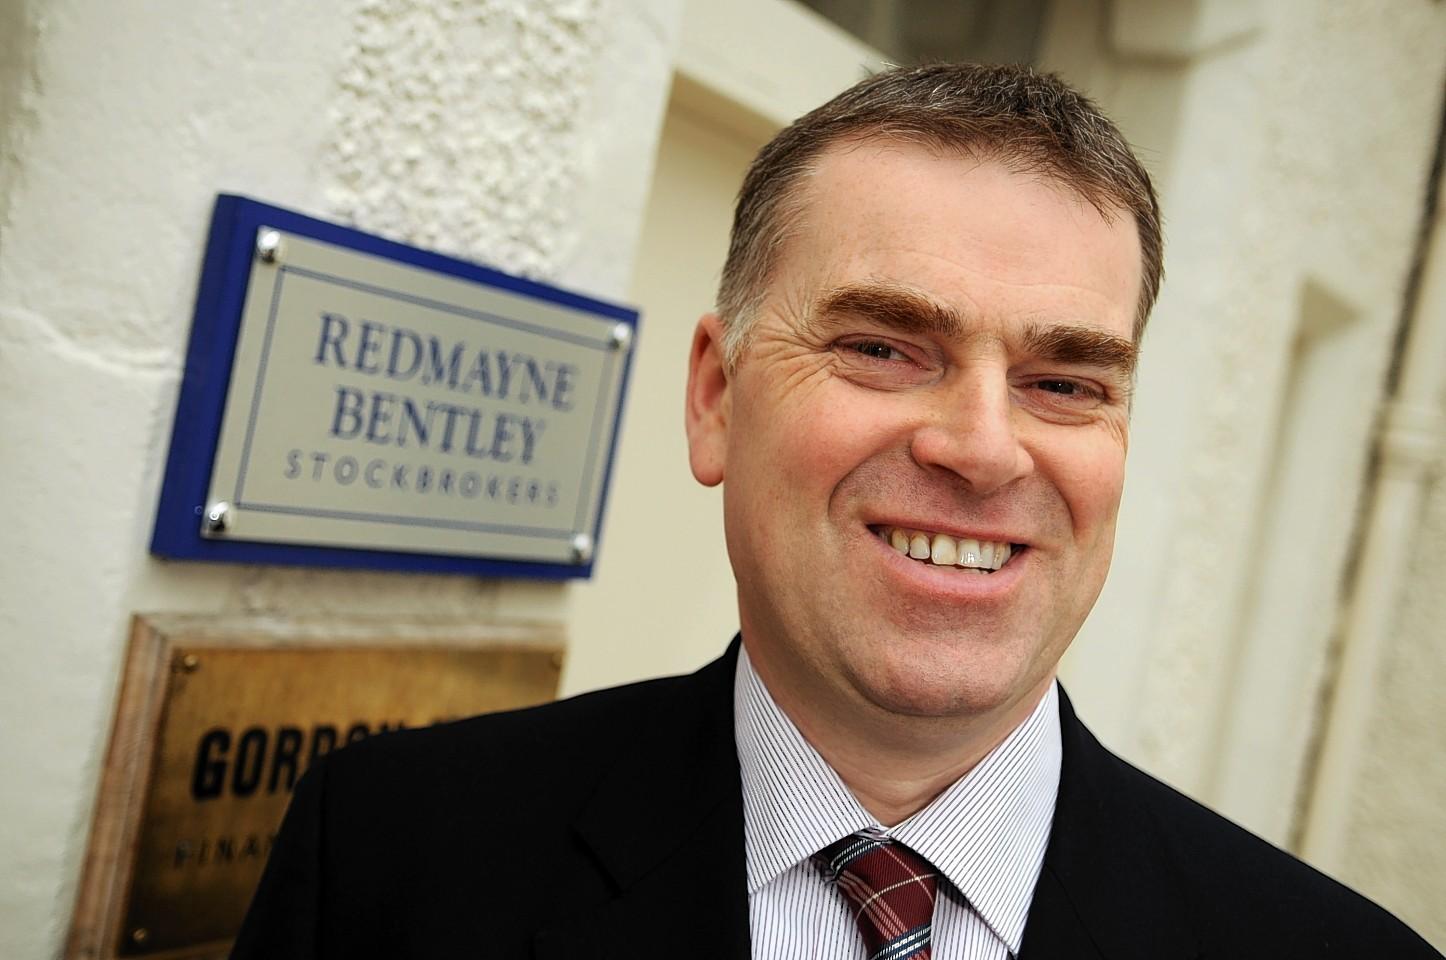 William Wordie of Redmaye-Bentley